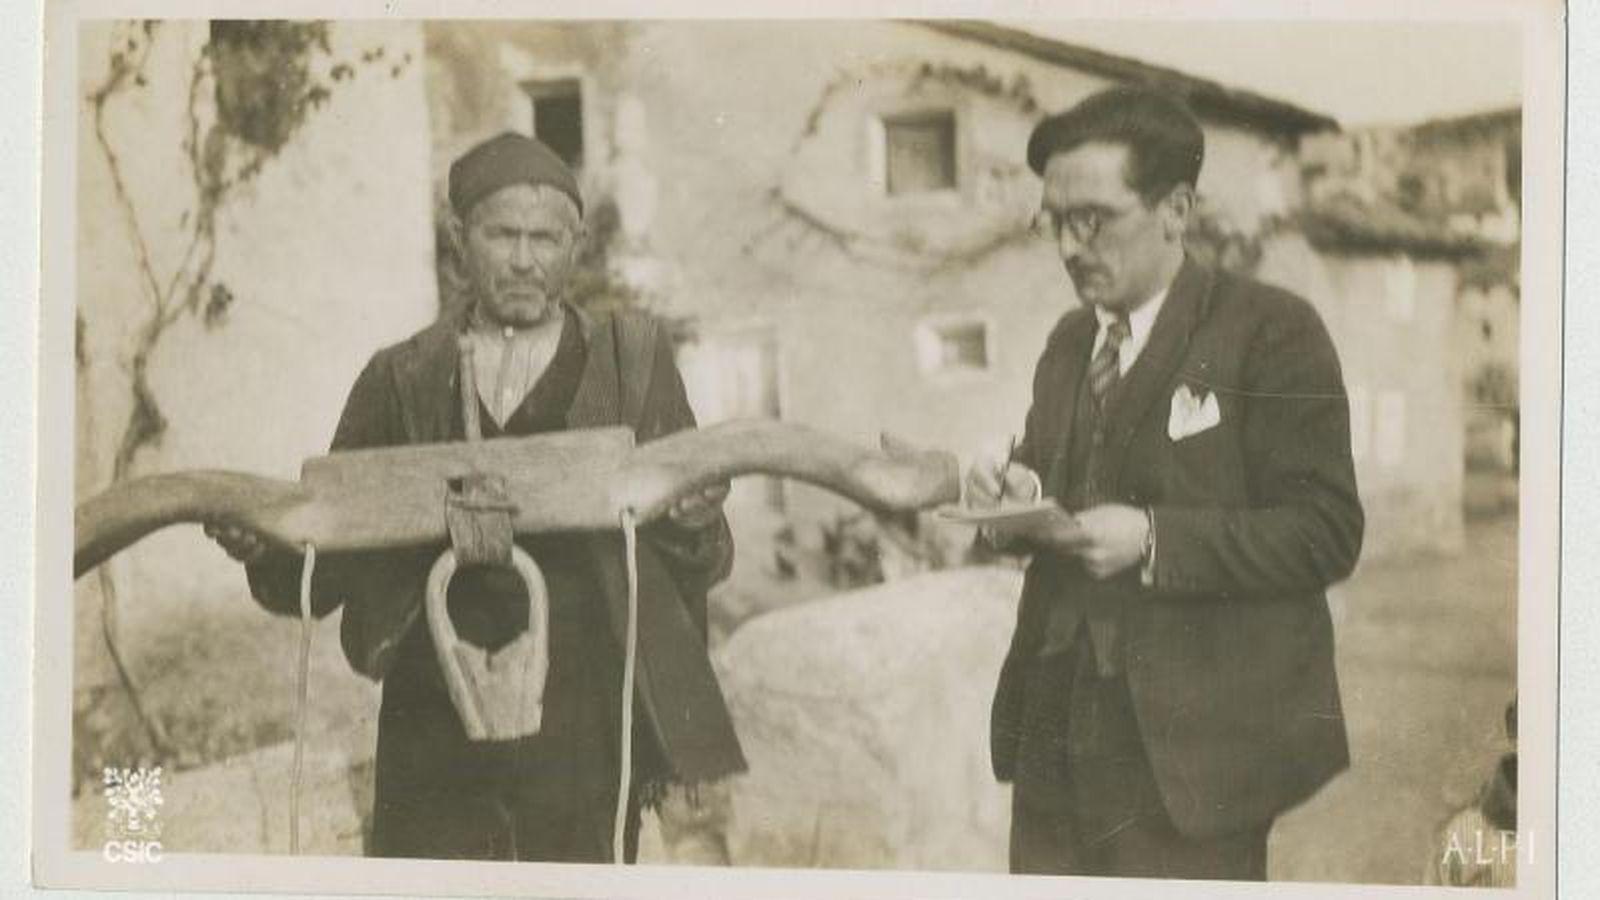 Foto: Lorenzo Rodríguez-Castellano encuestando en Codos (Zaragoza), para el Atlas Lingüístico de la Península Ibérica, entre 1931-1936. (CSIC)